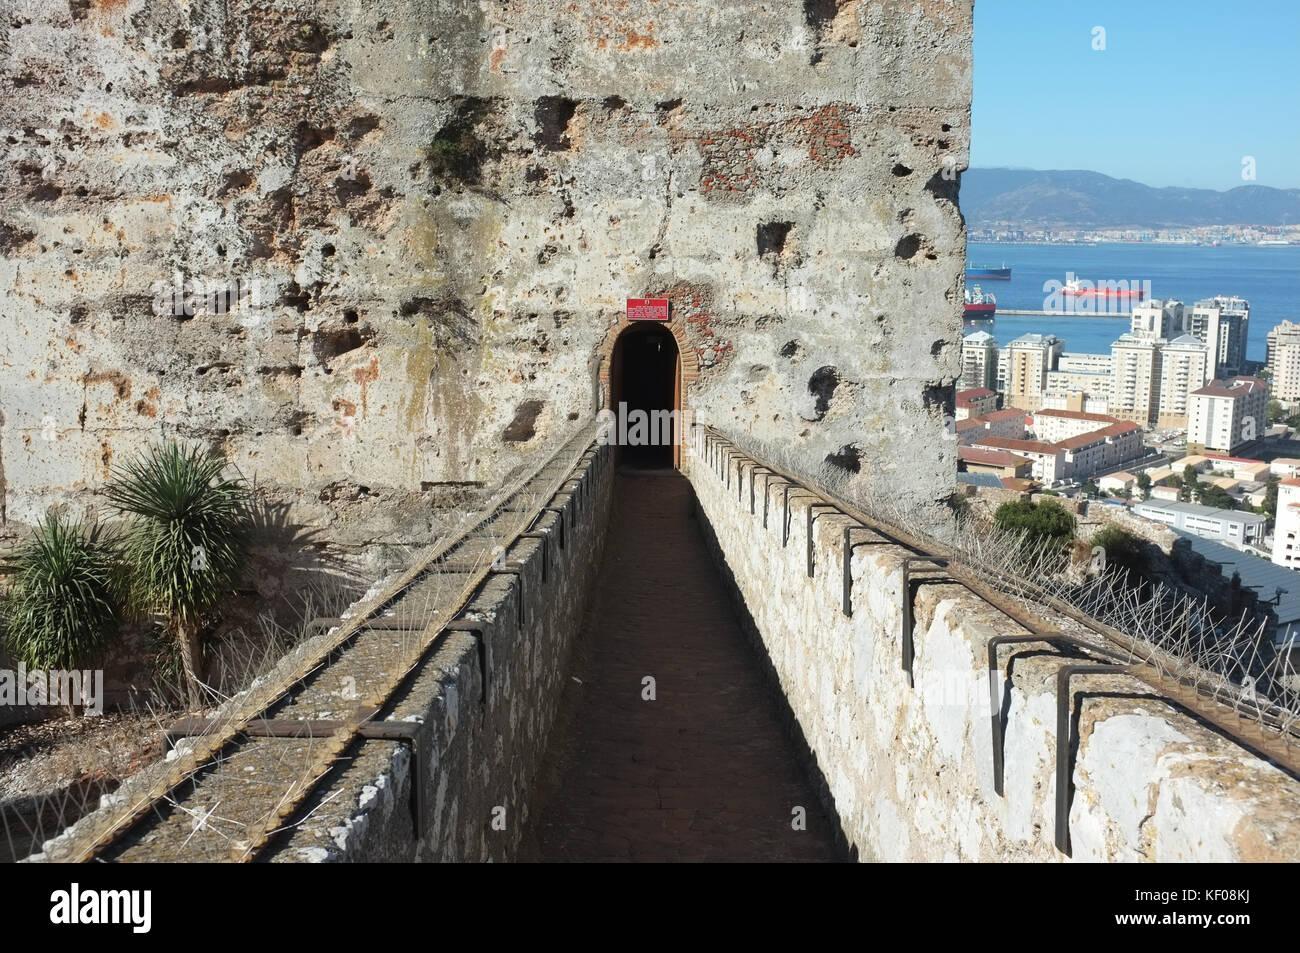 Moorish castle, Gibraltar, September 2017 - Stock Image